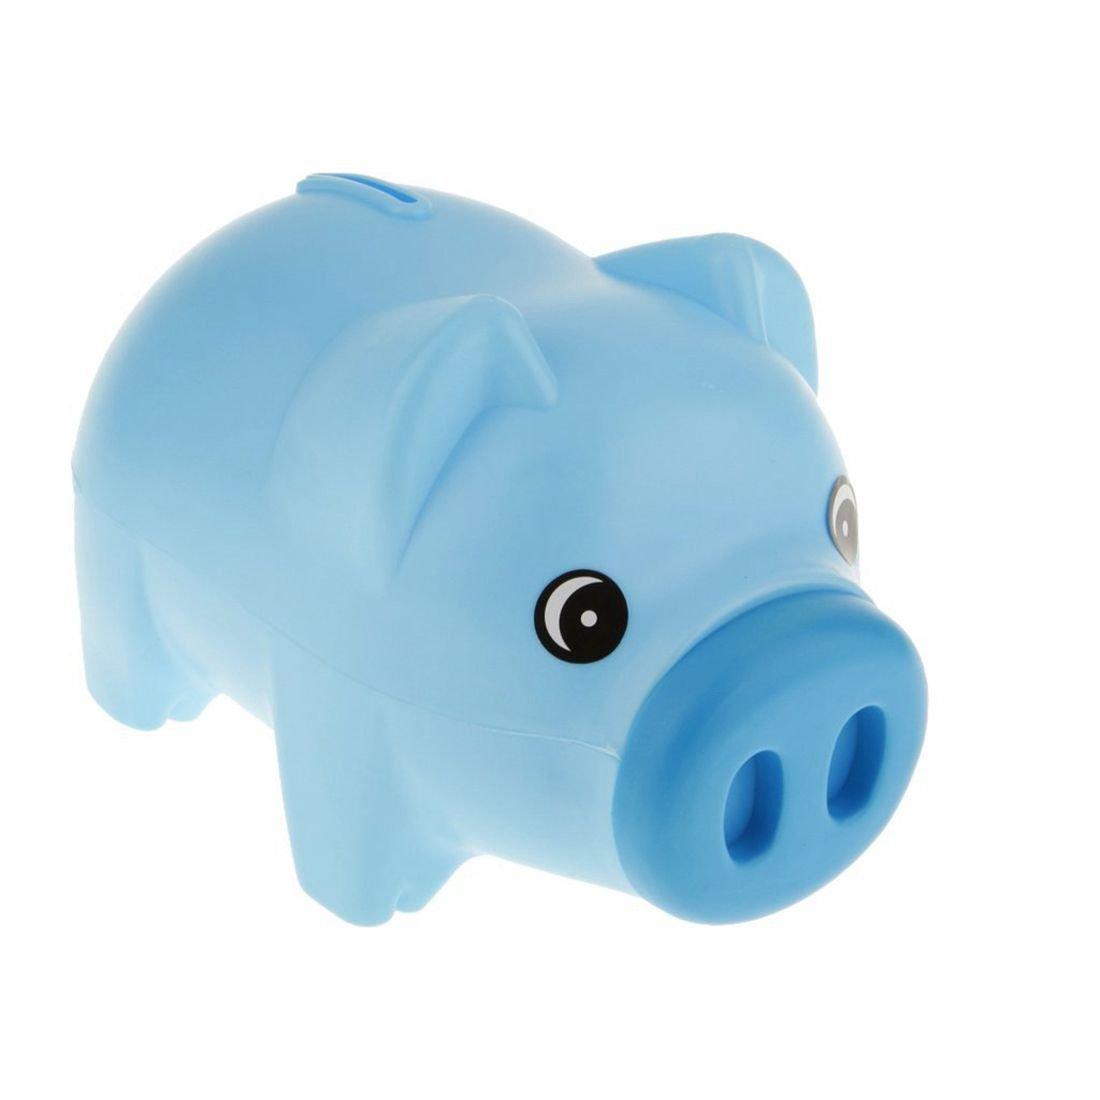 SODIAL Caja de dinero animal de la hucha azul plastico Monedas de la economia de Tresorerie regalo de los ninos de los ninos